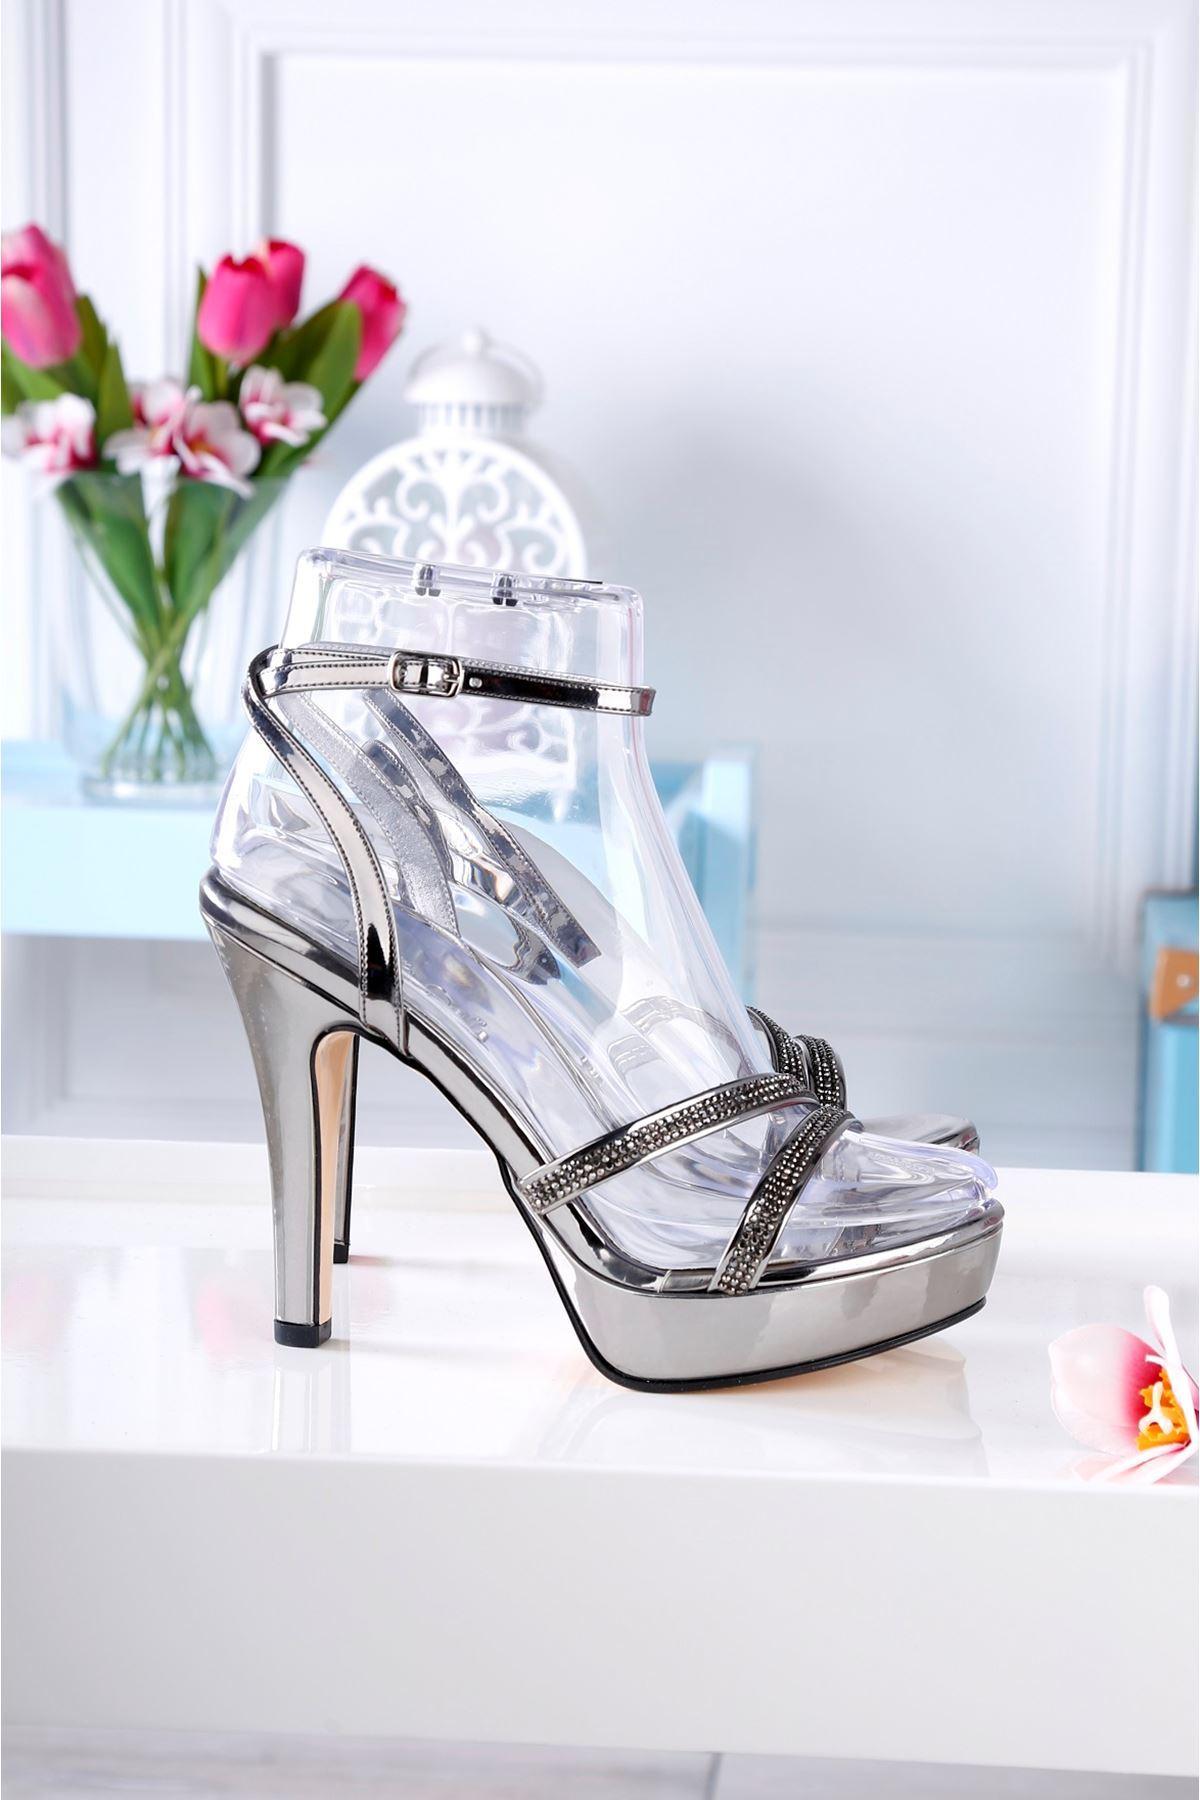 ZALY Gümüş Taş Kaplama Topuklu Ayakkabı